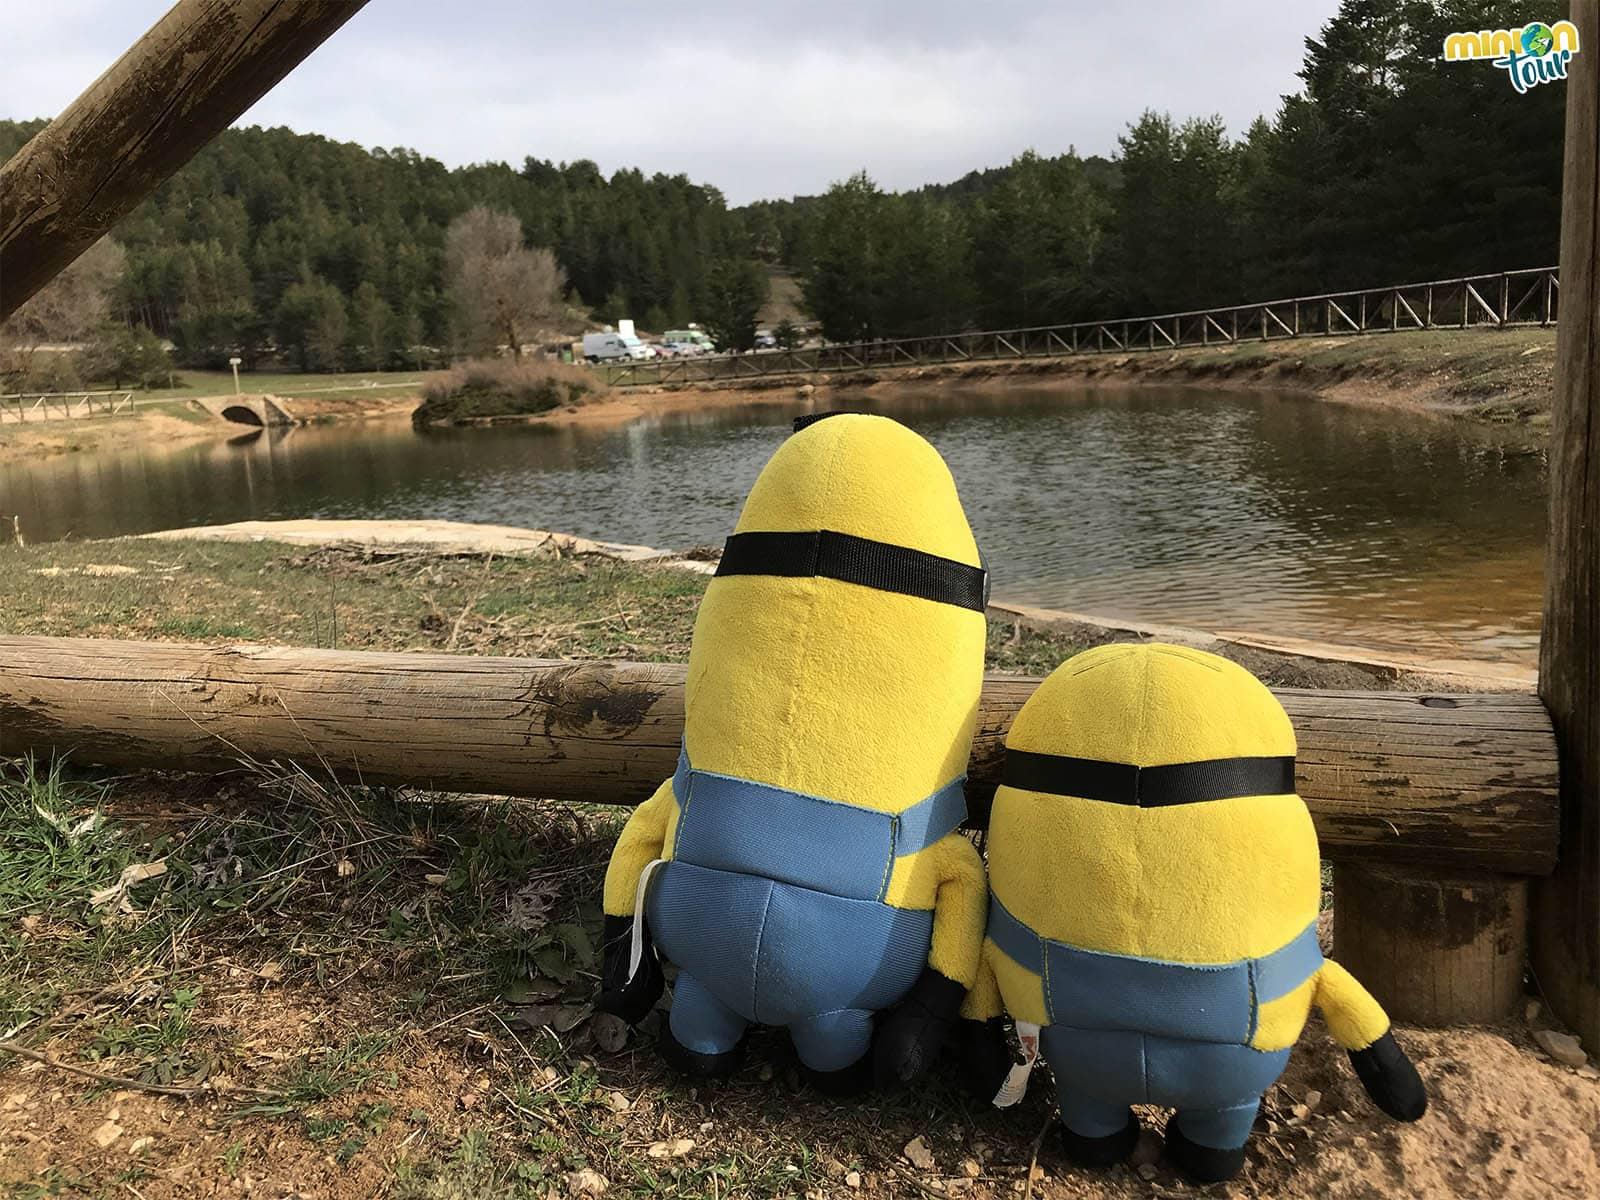 Dos Minions en el monumento del nacimiento del río Tajo